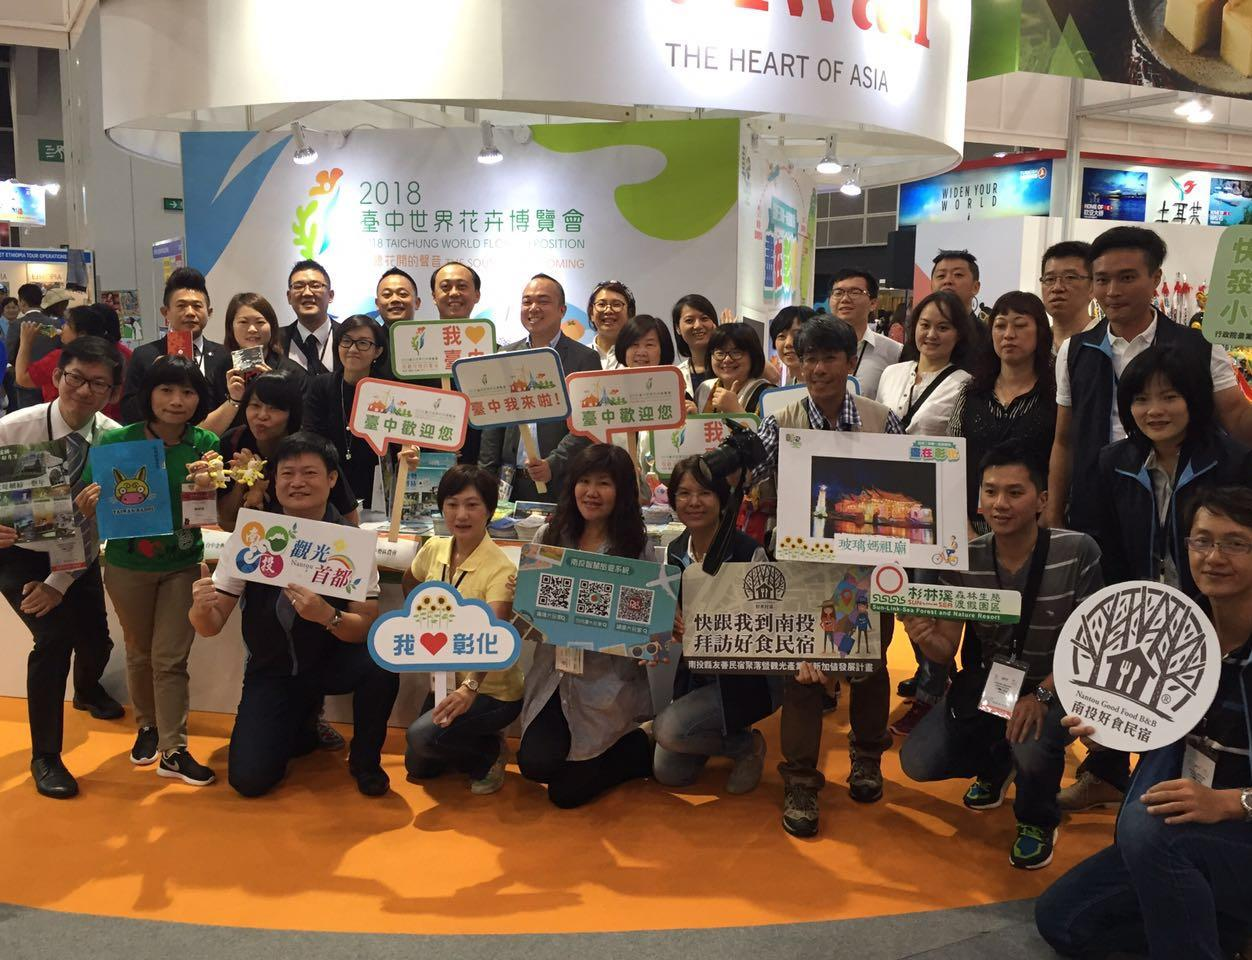 台灣展區推生態旅遊